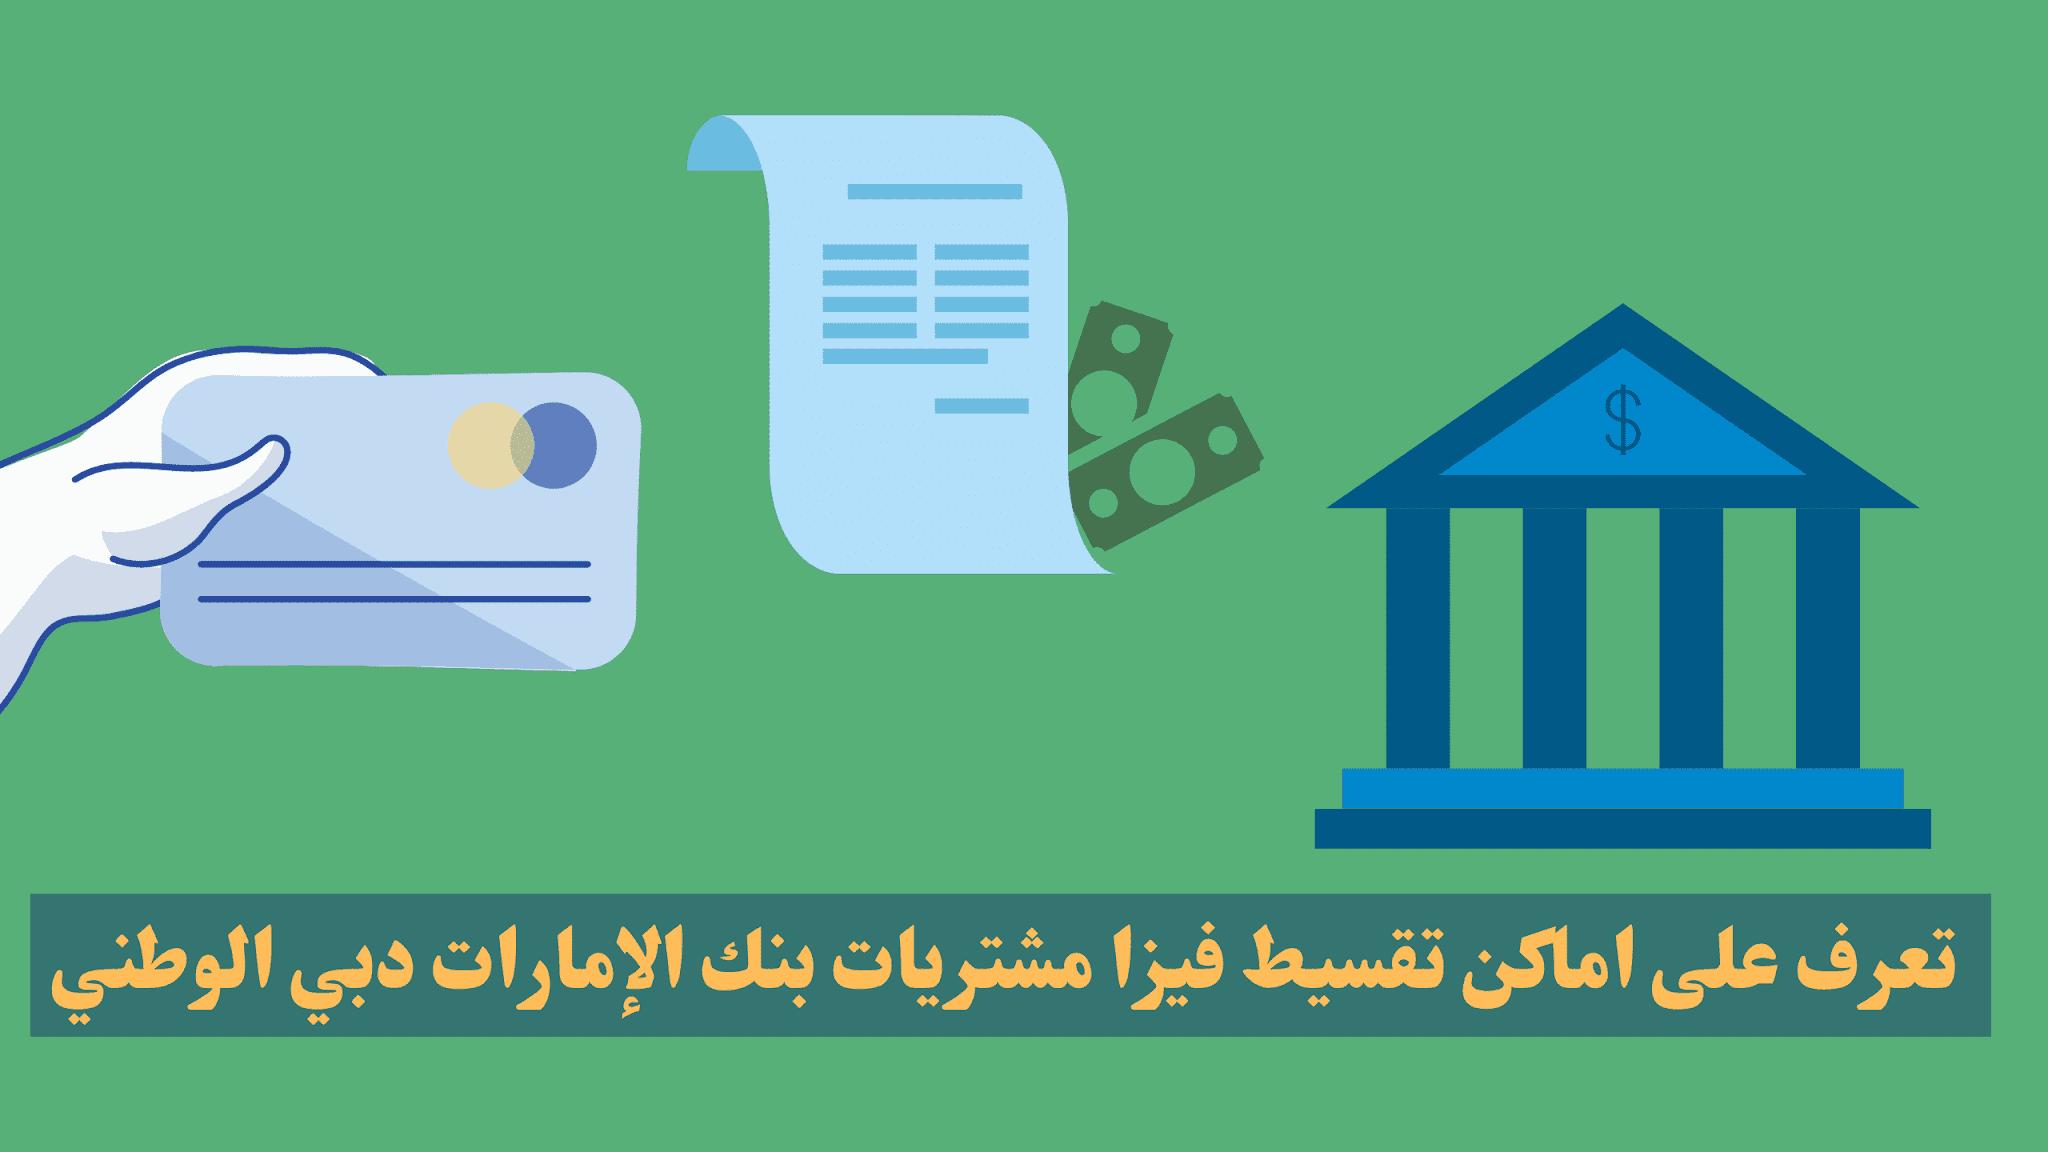 تعرف على اماكن تقسيط فيزا مشتريات بنك الإمارات دبي الوطني